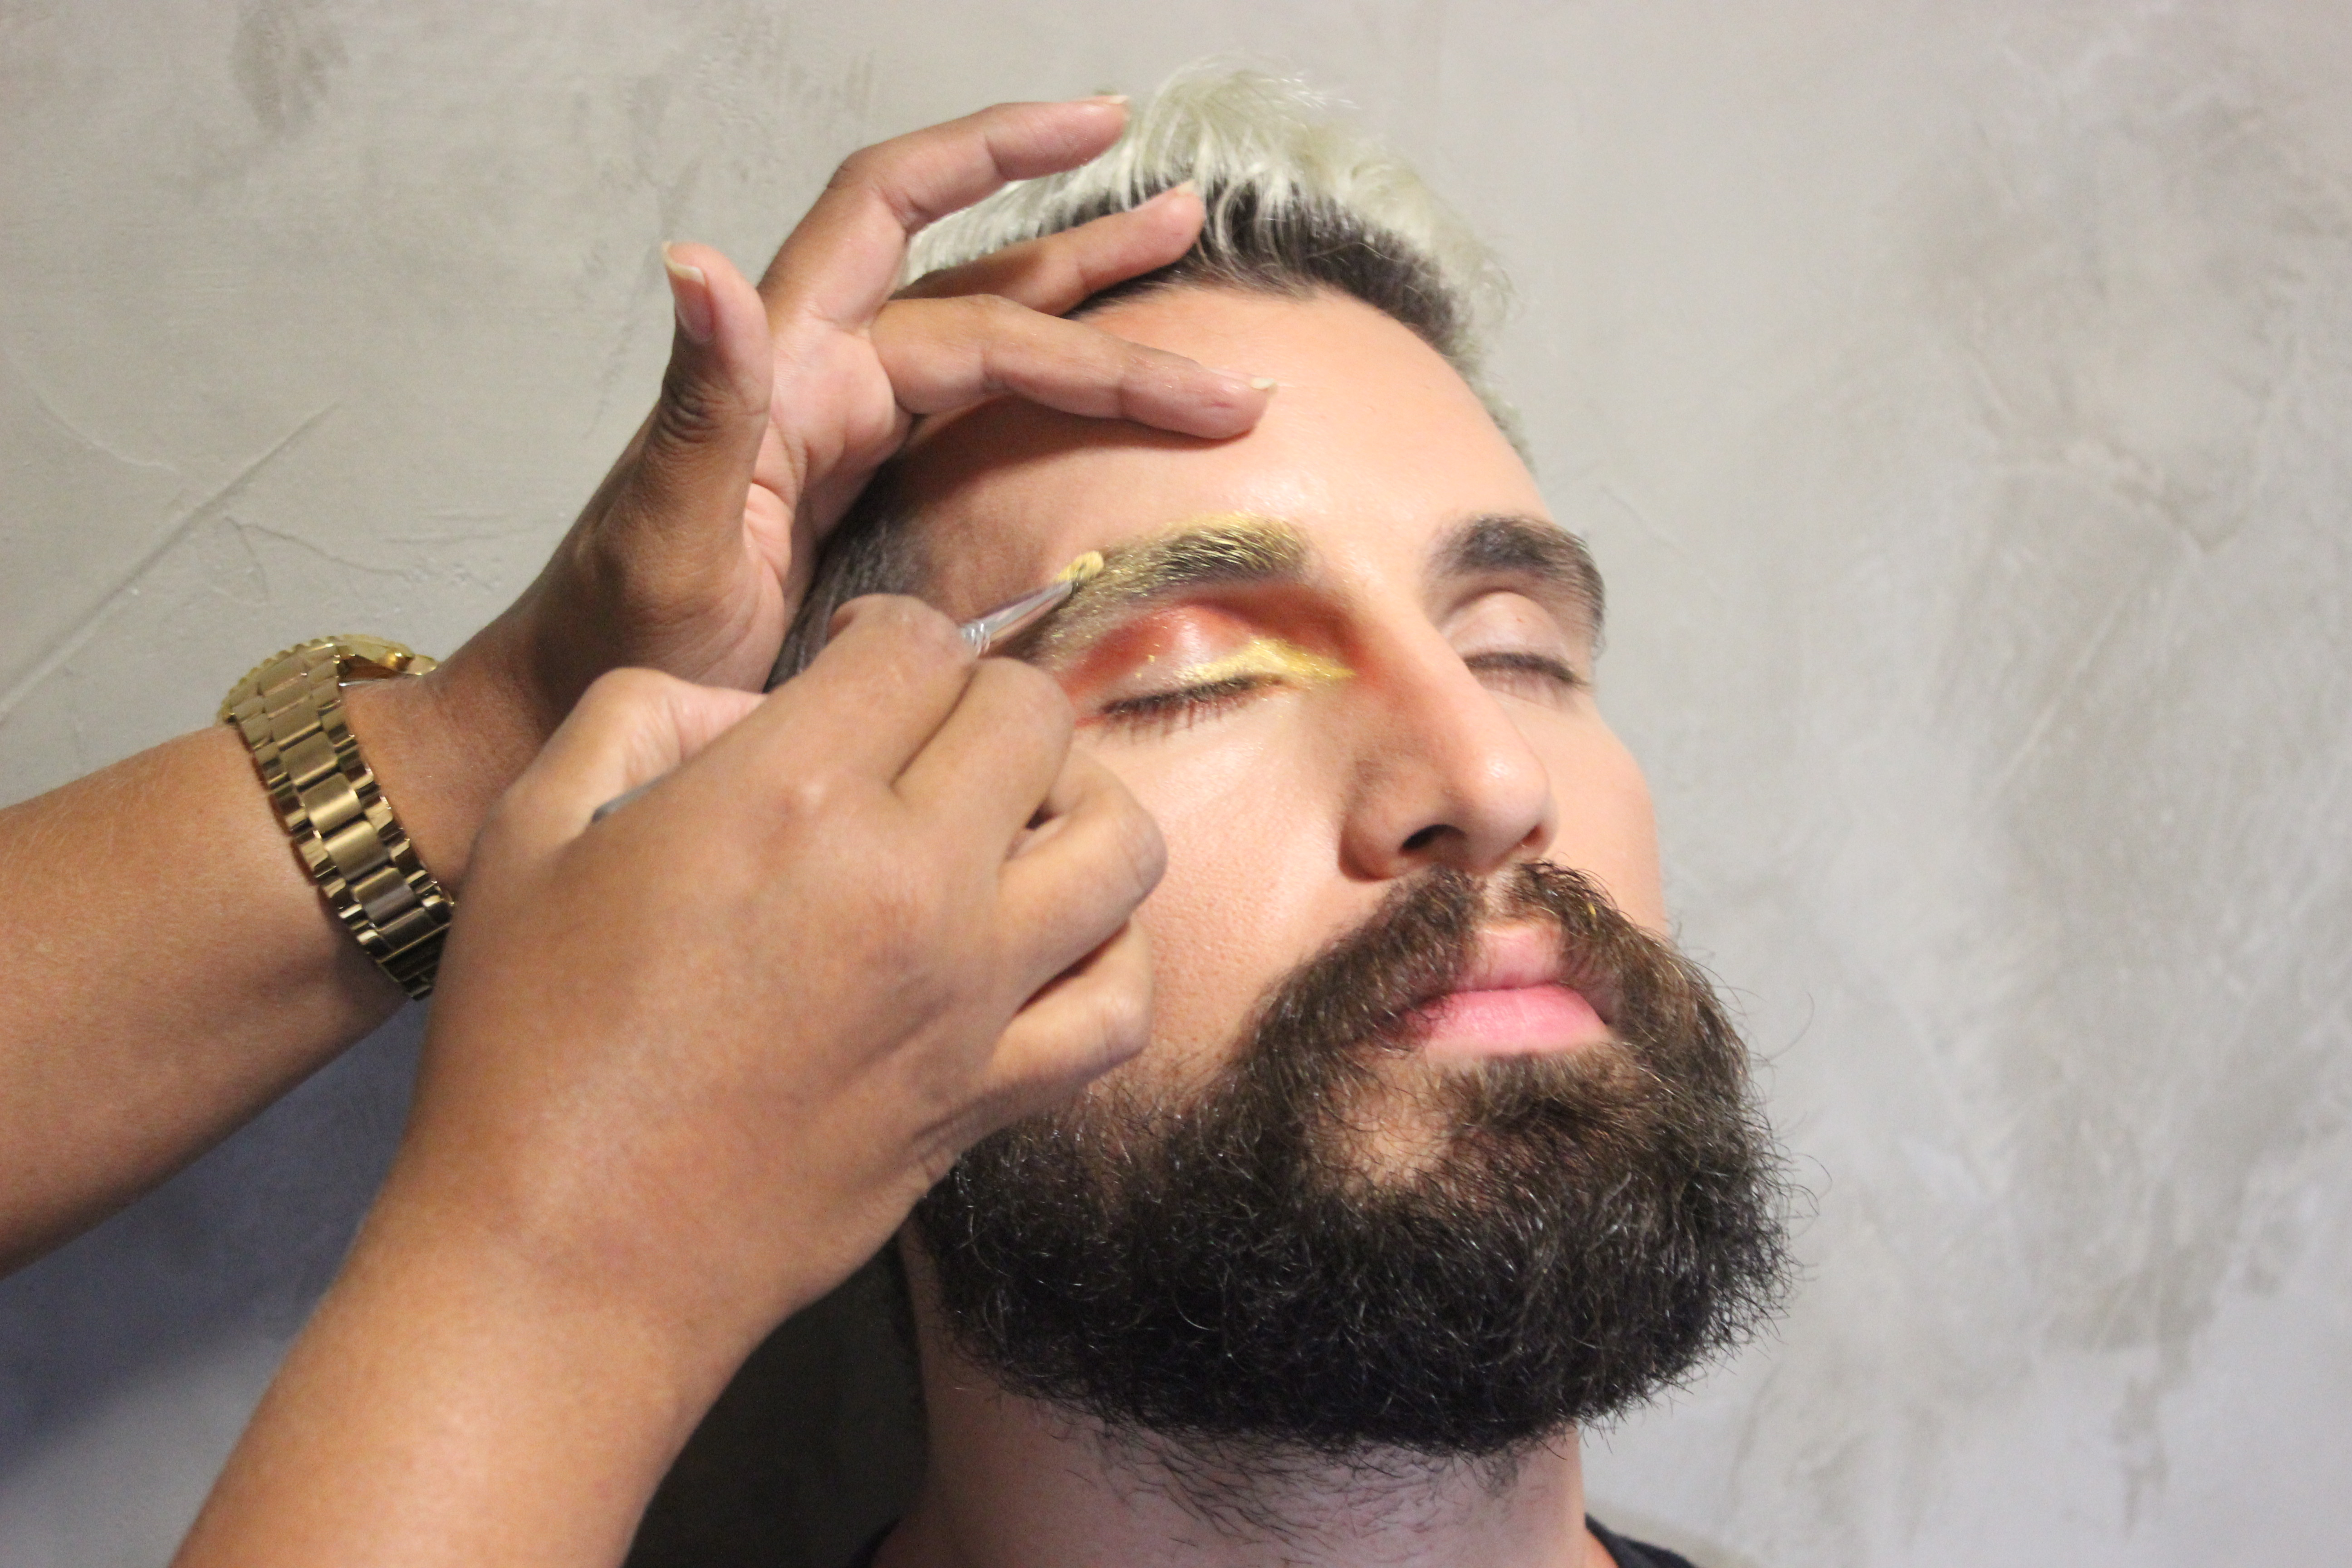 maquiagem masculina, maquiagem carnaval 2017, maquiagem para homem, fantasia masculina 2017, carnaval 2017, mens, grooming, dicas de moda, moda sem censura, alex cursino, blog de moda masculina (4)